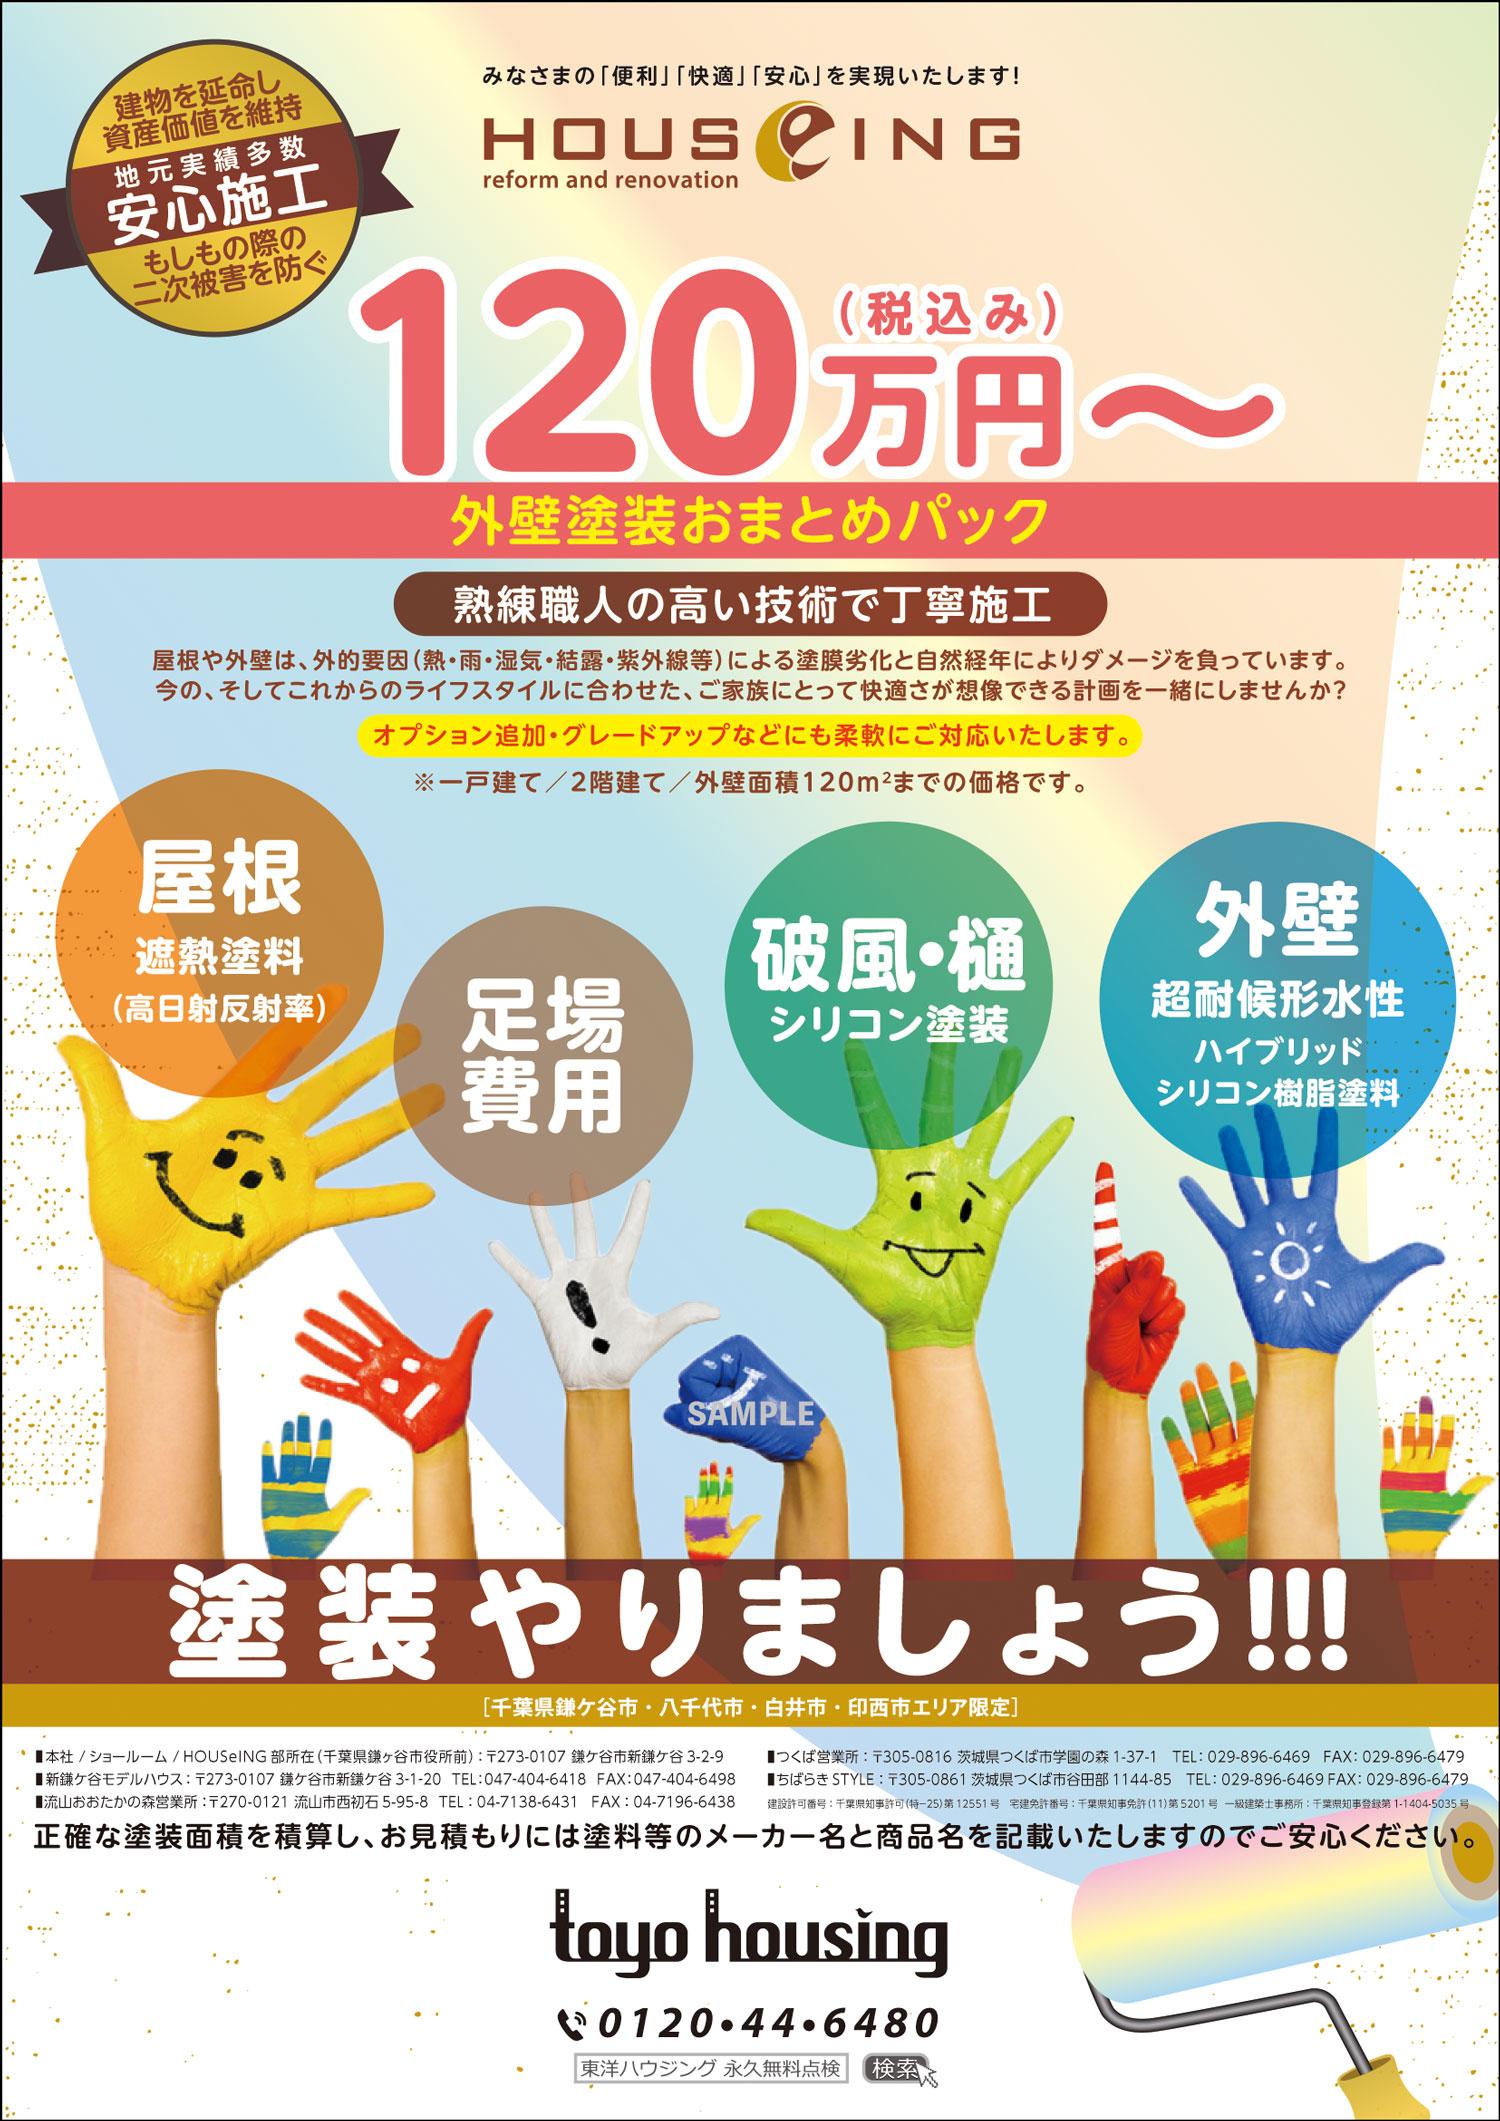 【キャンペーン】カビやシロアリの原因に!?貴方のお家は大丈夫? 外装塗装・水回りキャンペーン